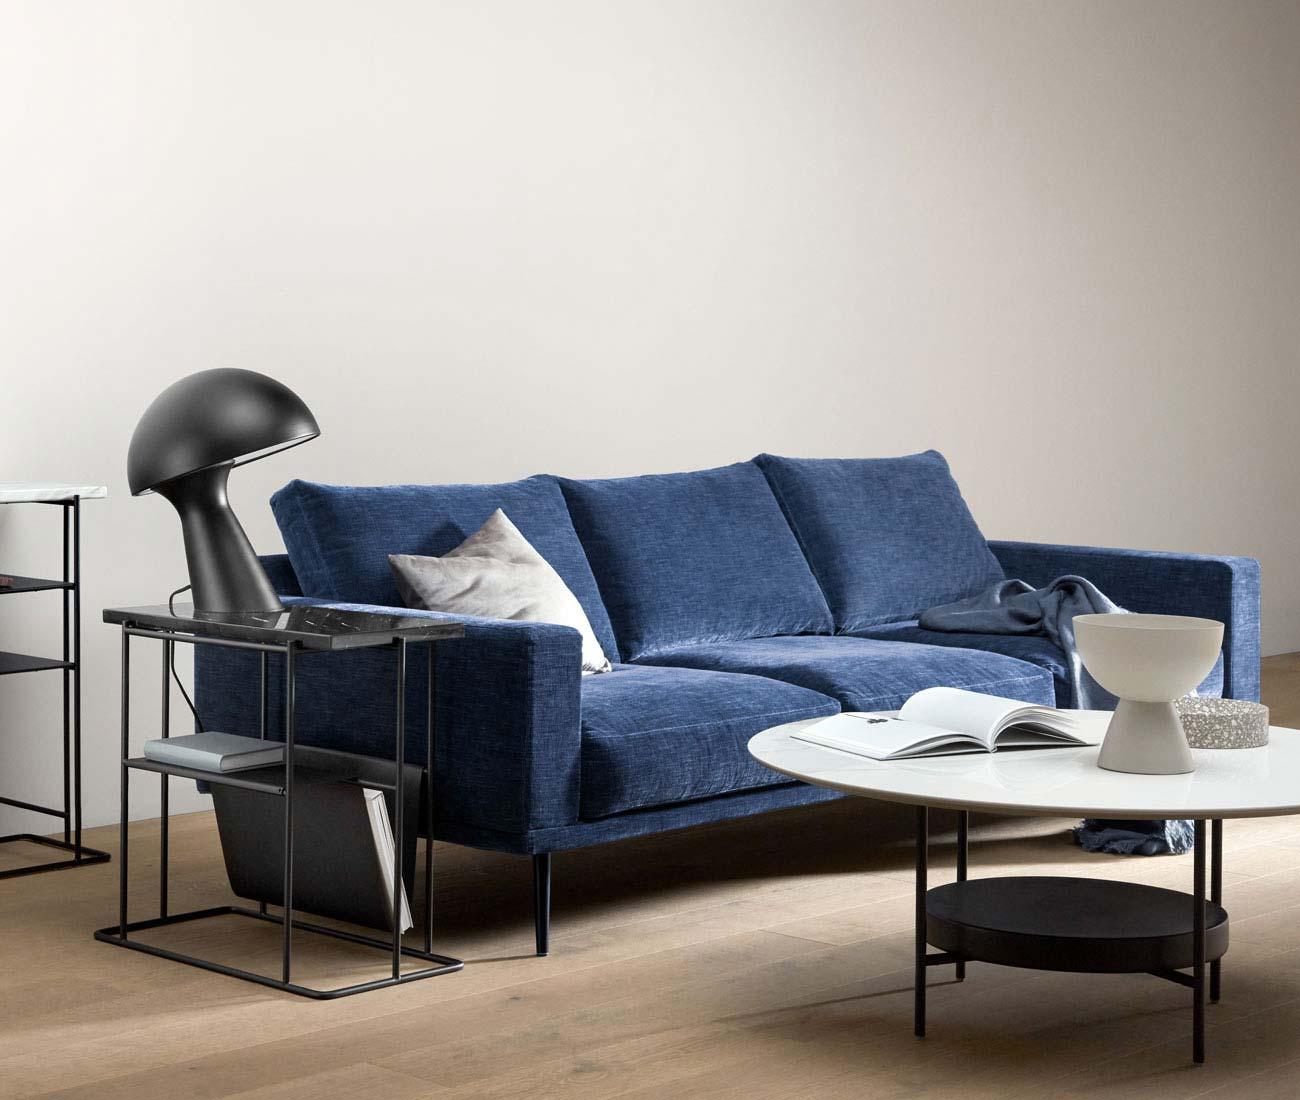 Designer 3 seater sofa